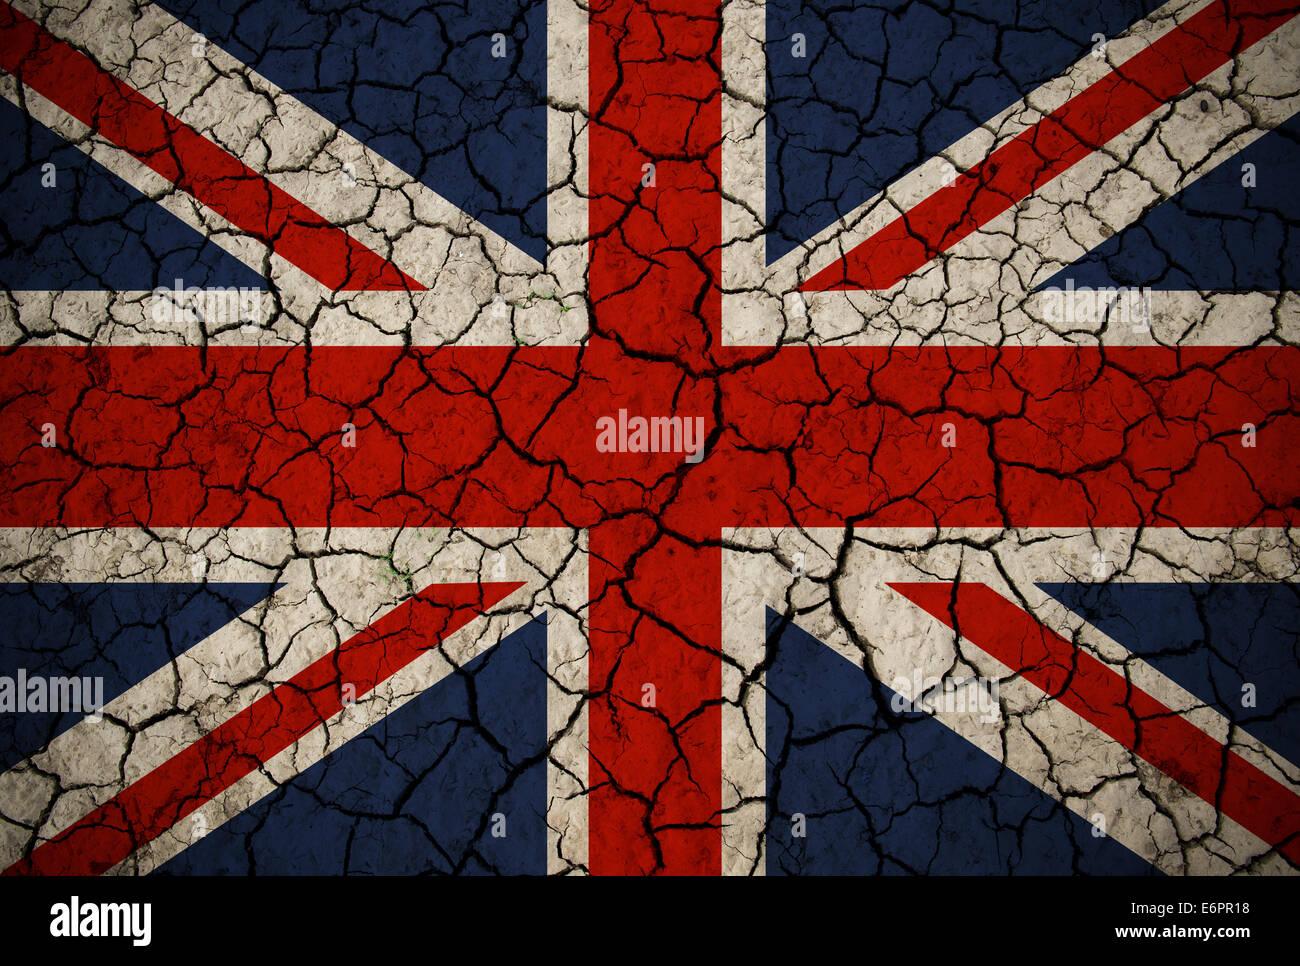 Cracked Union Jack Flag - Stock Image